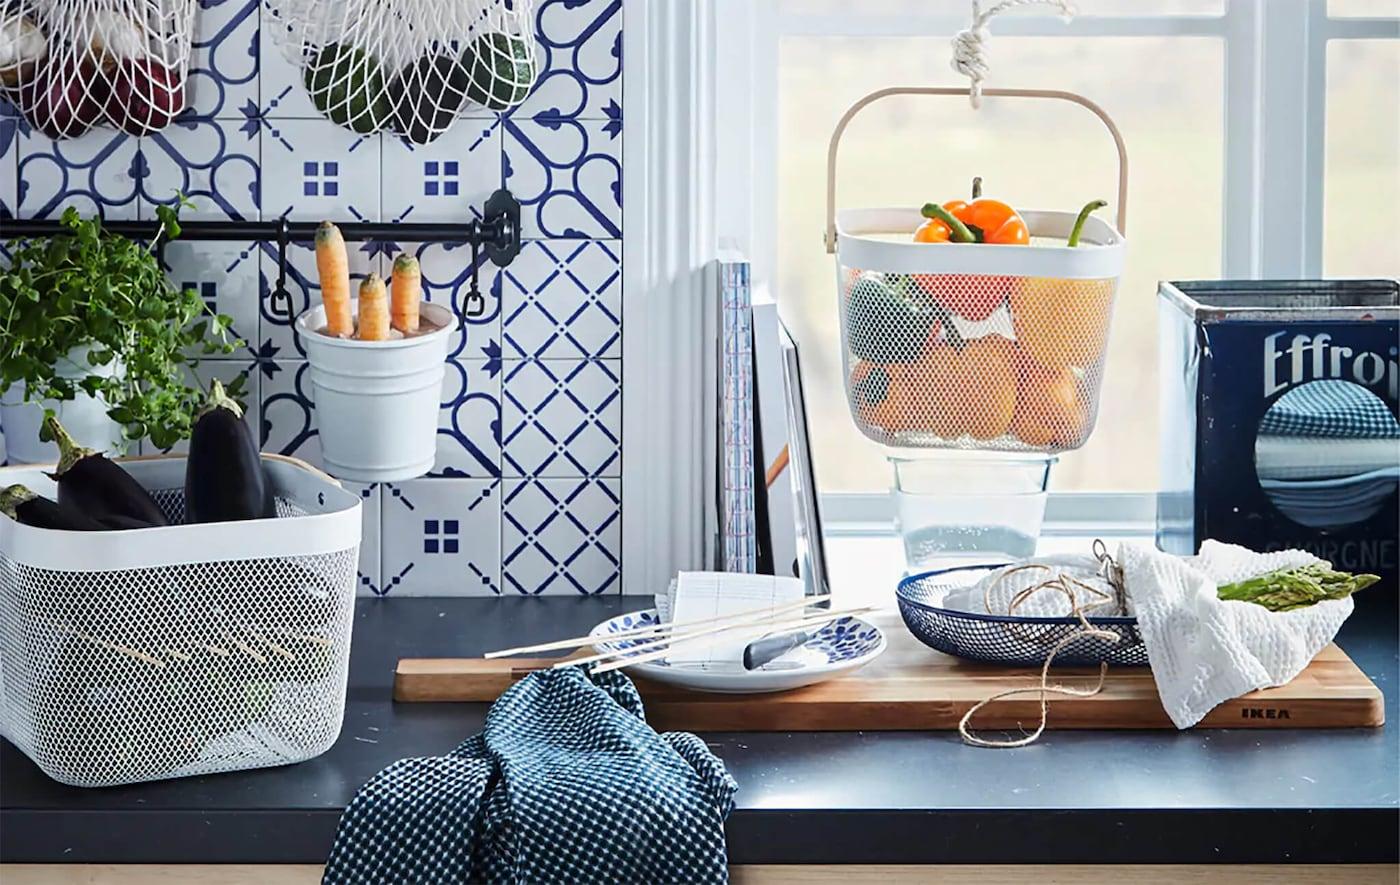 Кухонная столешница с разнообразными продуктами в подвесных контейнерах и подставках (например, сетчатые сумки КУНГСФОРС и корзины РИСАТОРП).